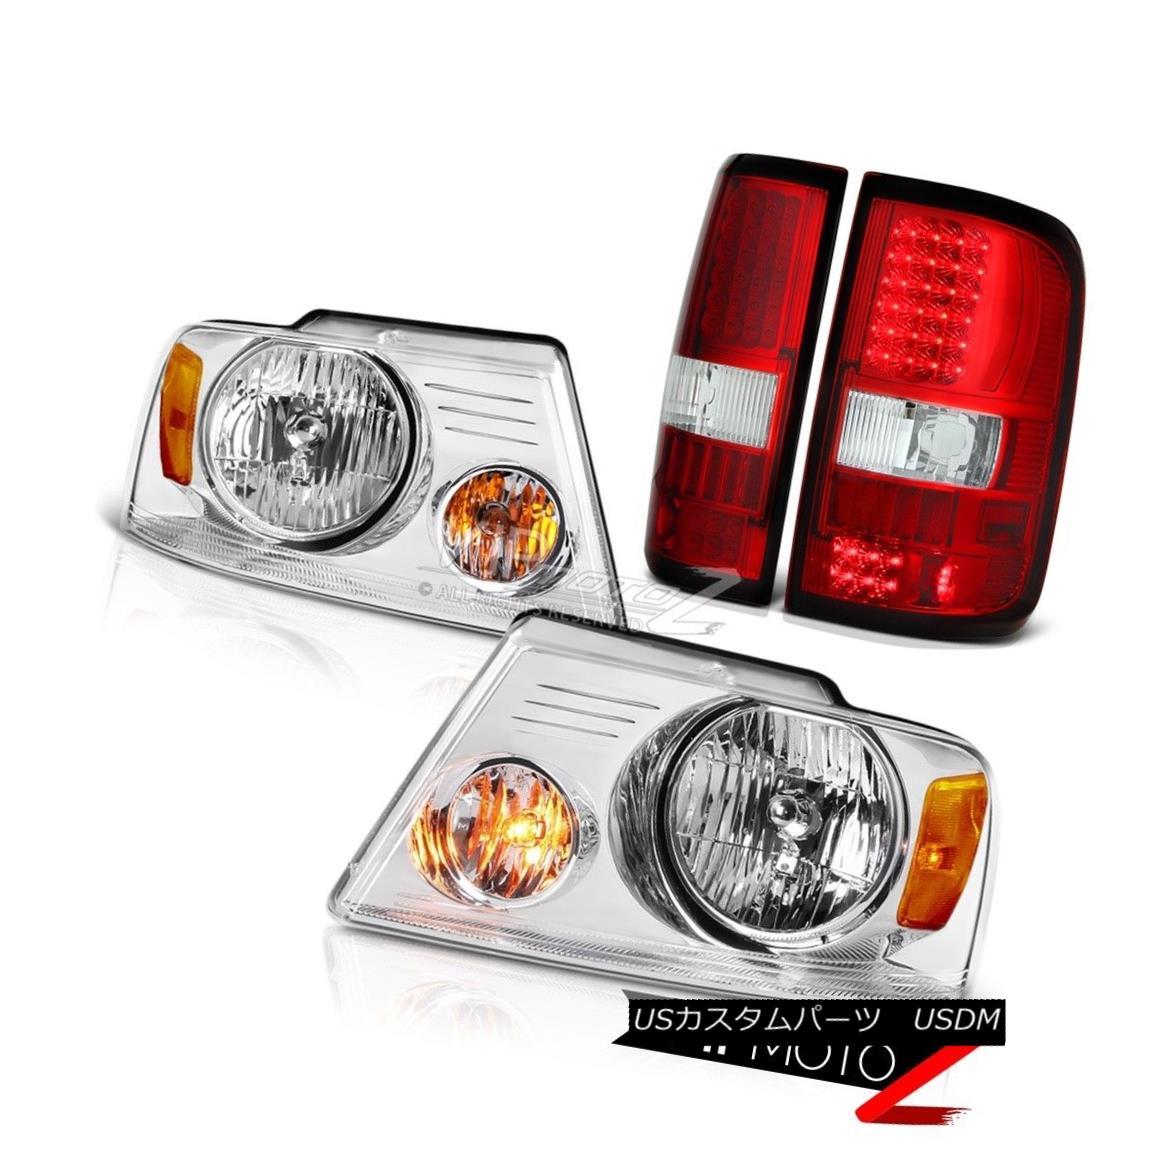 ヘッドライト 2004-2008 Ford F150 Bright Red LED Brake Lamp Tail Lights Chrome Amber Headlight 2004-2008フォードF150ブライトレッドLEDブレーキランプテールライトクロームアンバーヘッドライト